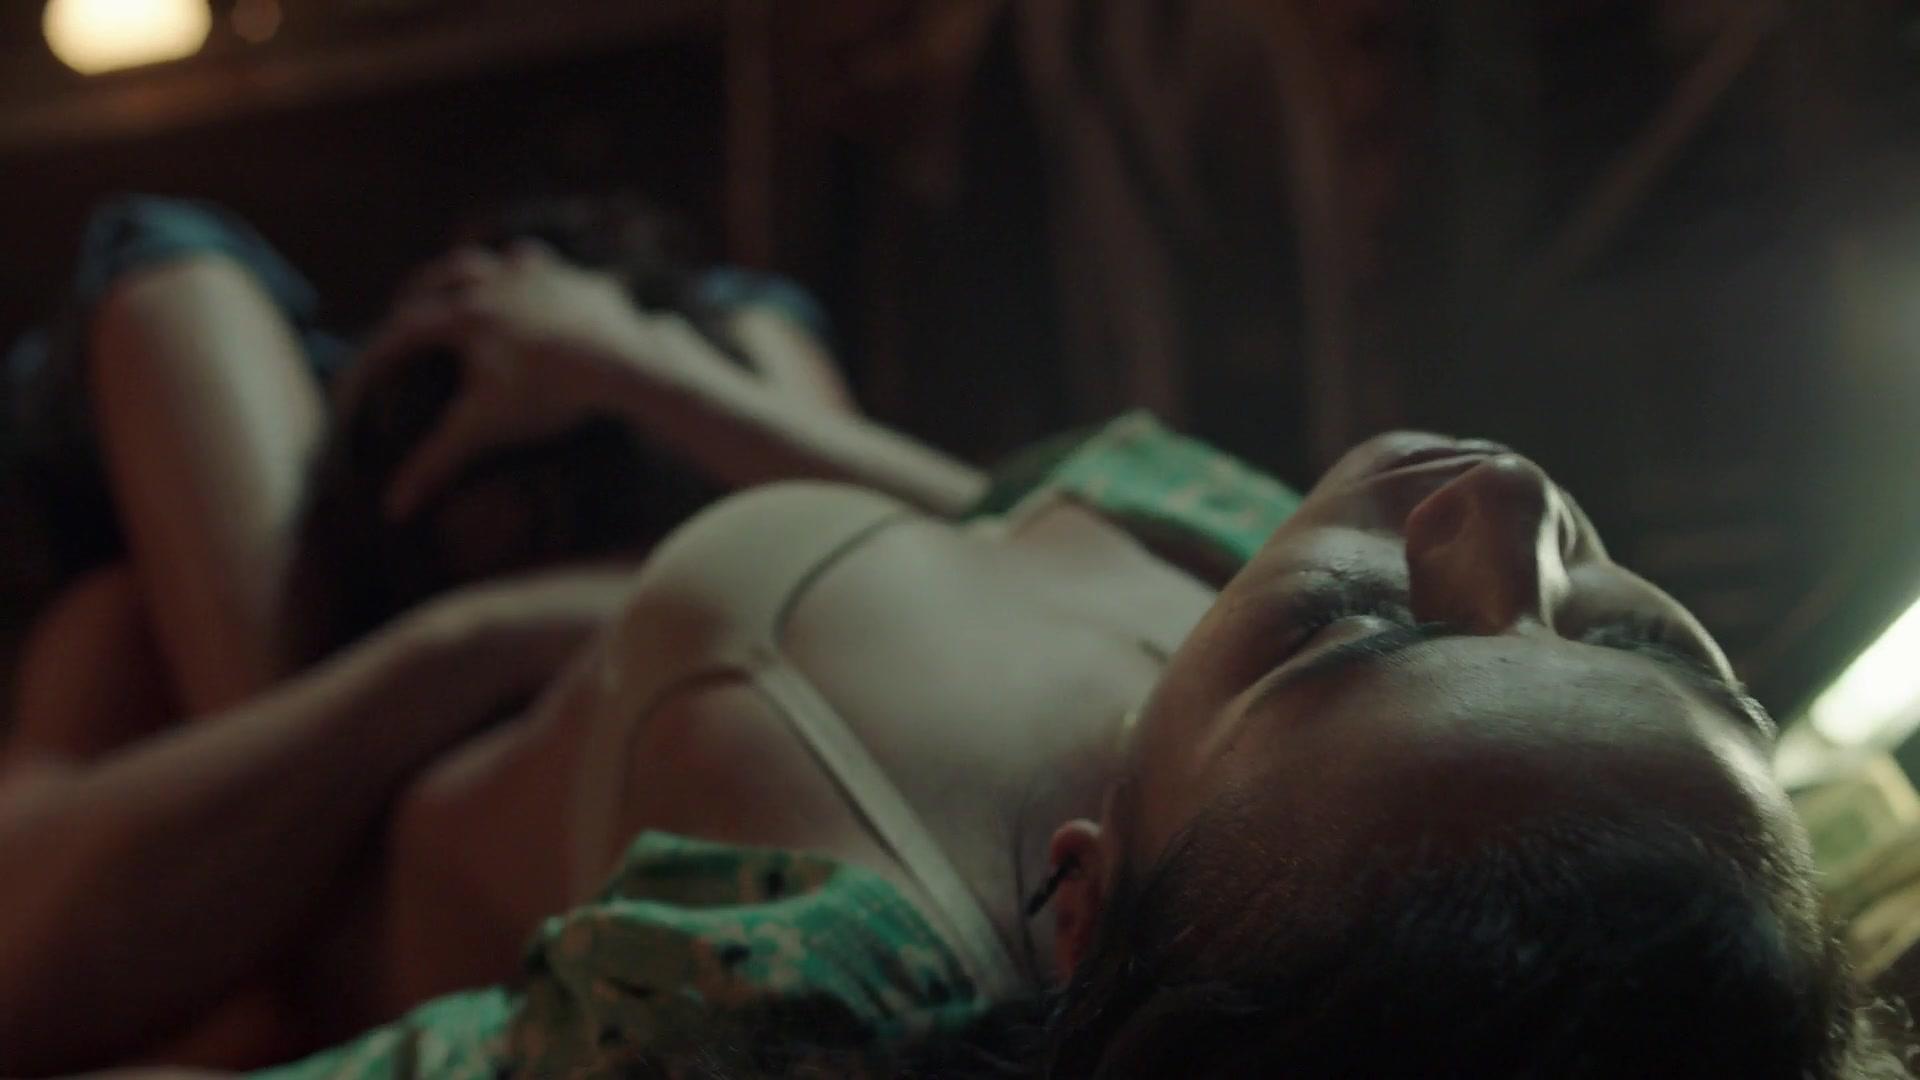 Nude emily rios Movie: Love